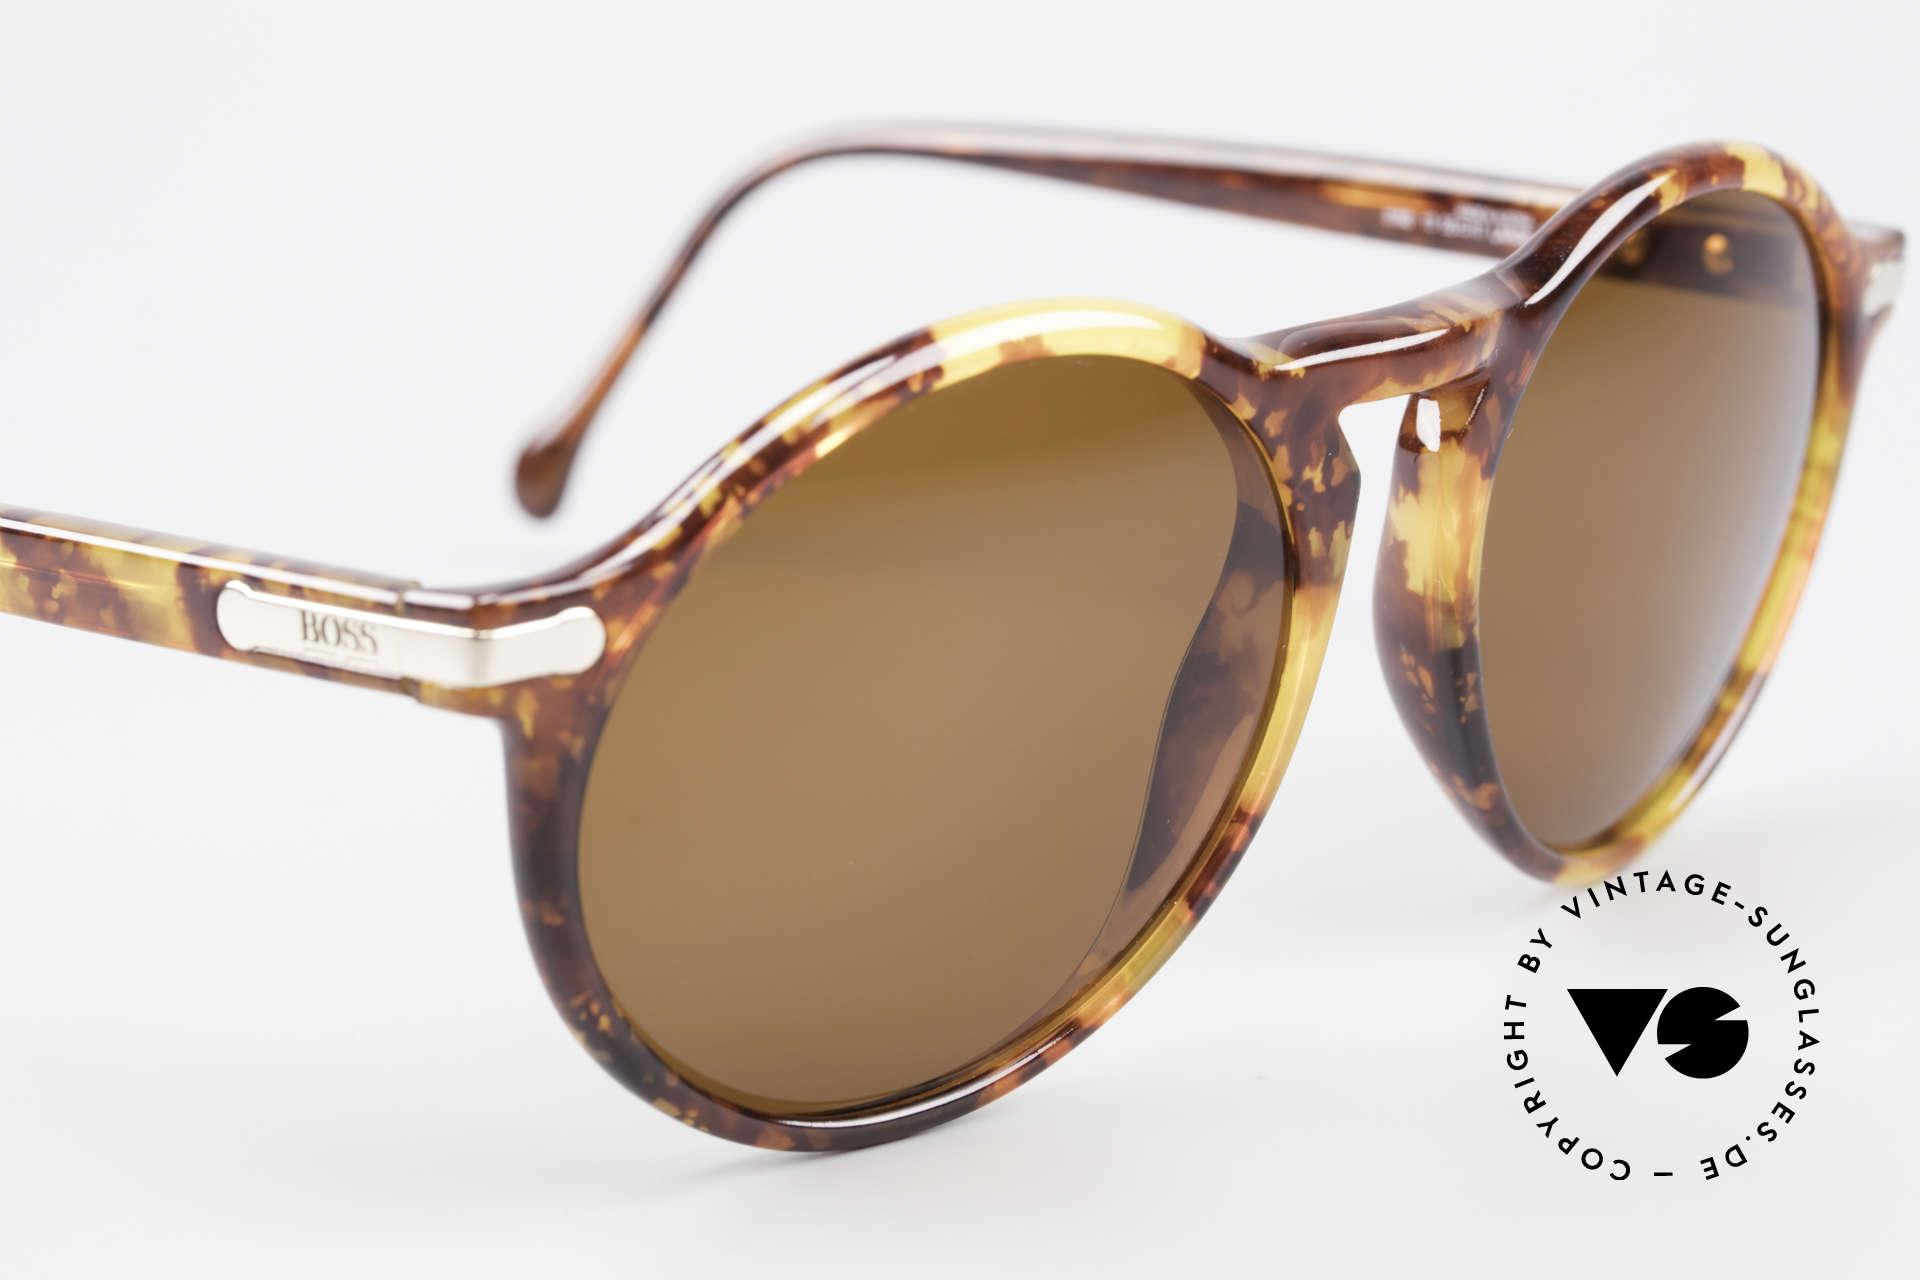 BOSS 5160 Grosse Panto Sonnenbrille, unbenutztes Einzelstück (kostbar und selten), Passend für Herren